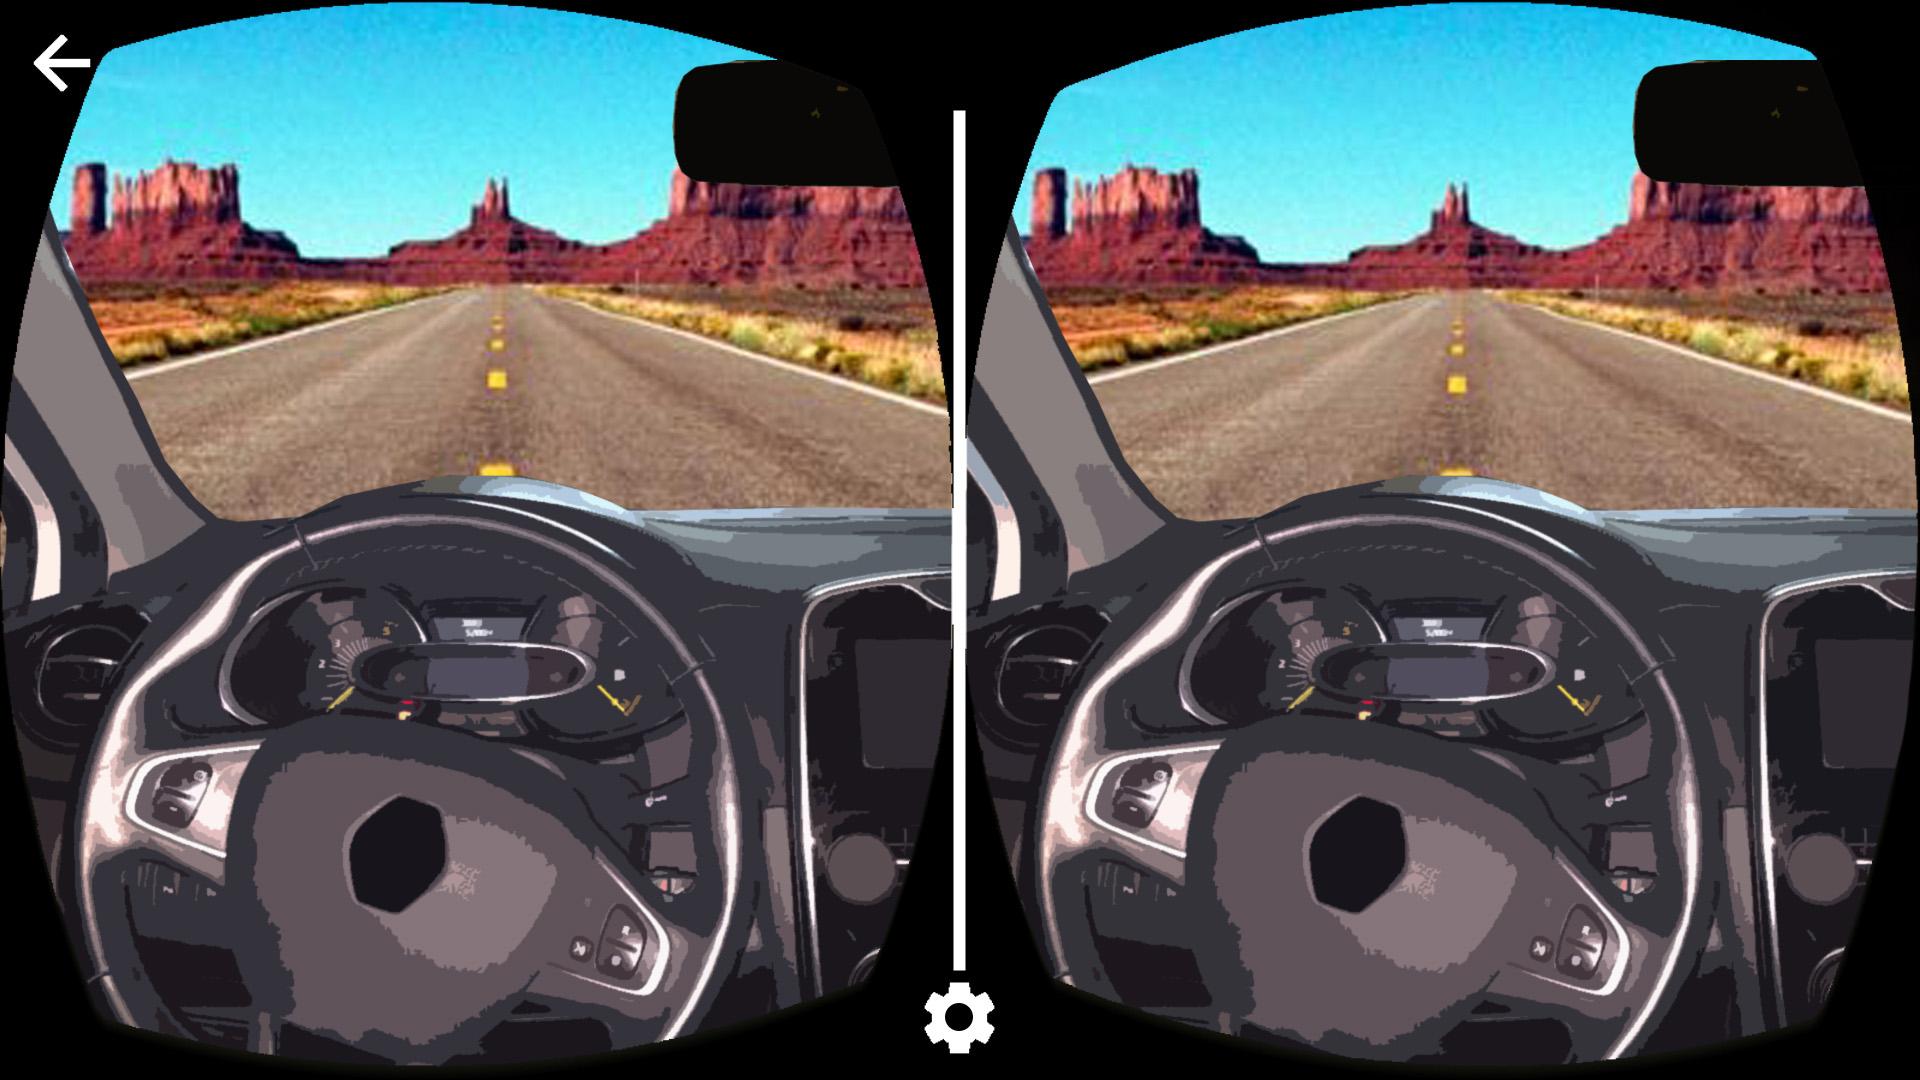 Realidad-Virtual-Prueba-de-Conducción-Simulador-Venta-Online-Automóvil-coche-vehículo-Comercialización-VR-GrupoAudiovisual_low